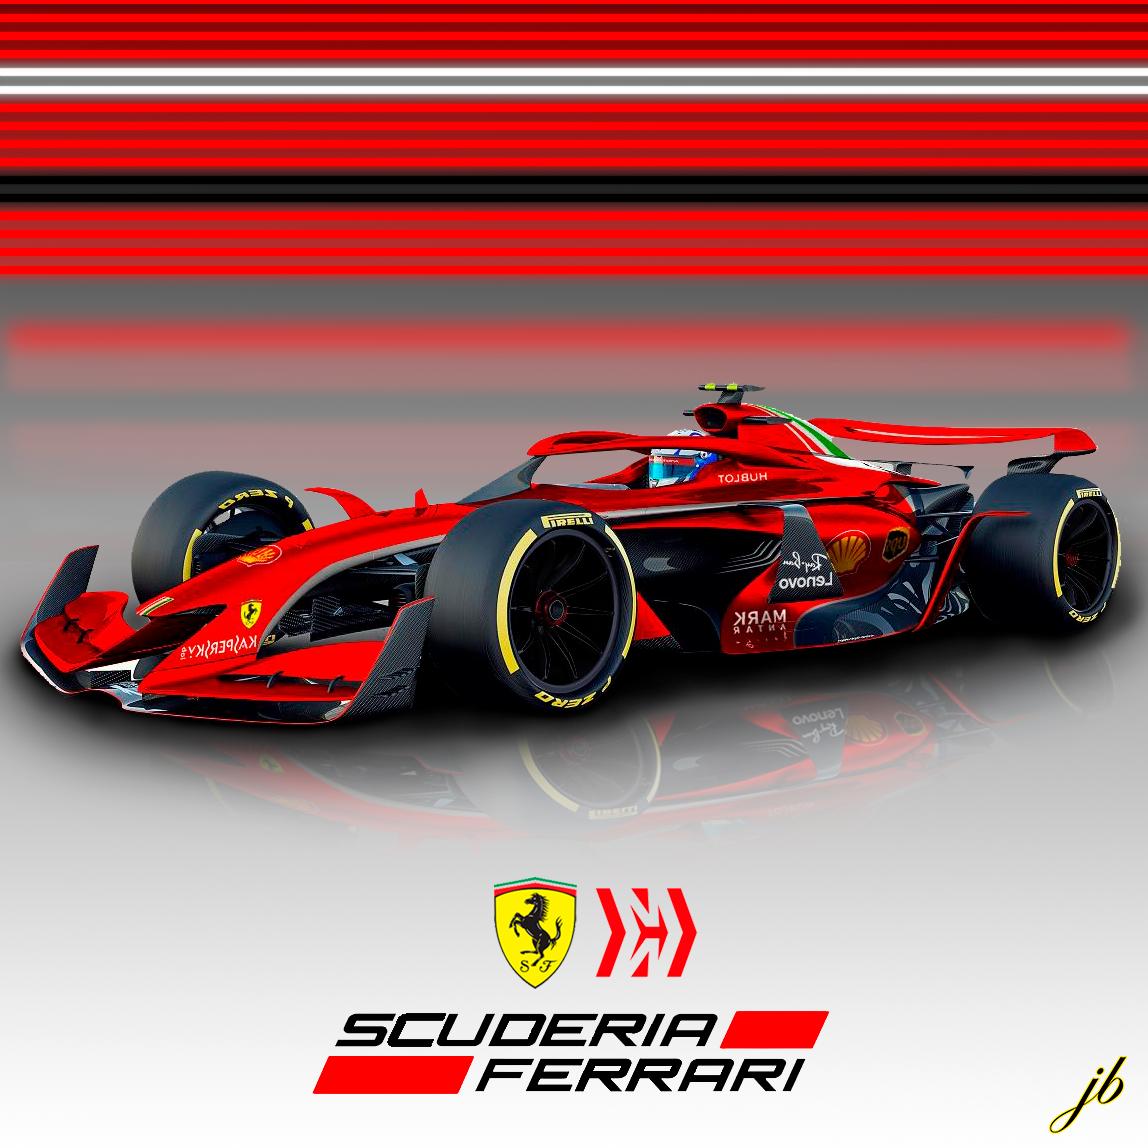 F1 2022 Ferrari S Livery In 2020 Ferrari Sports Car Racing